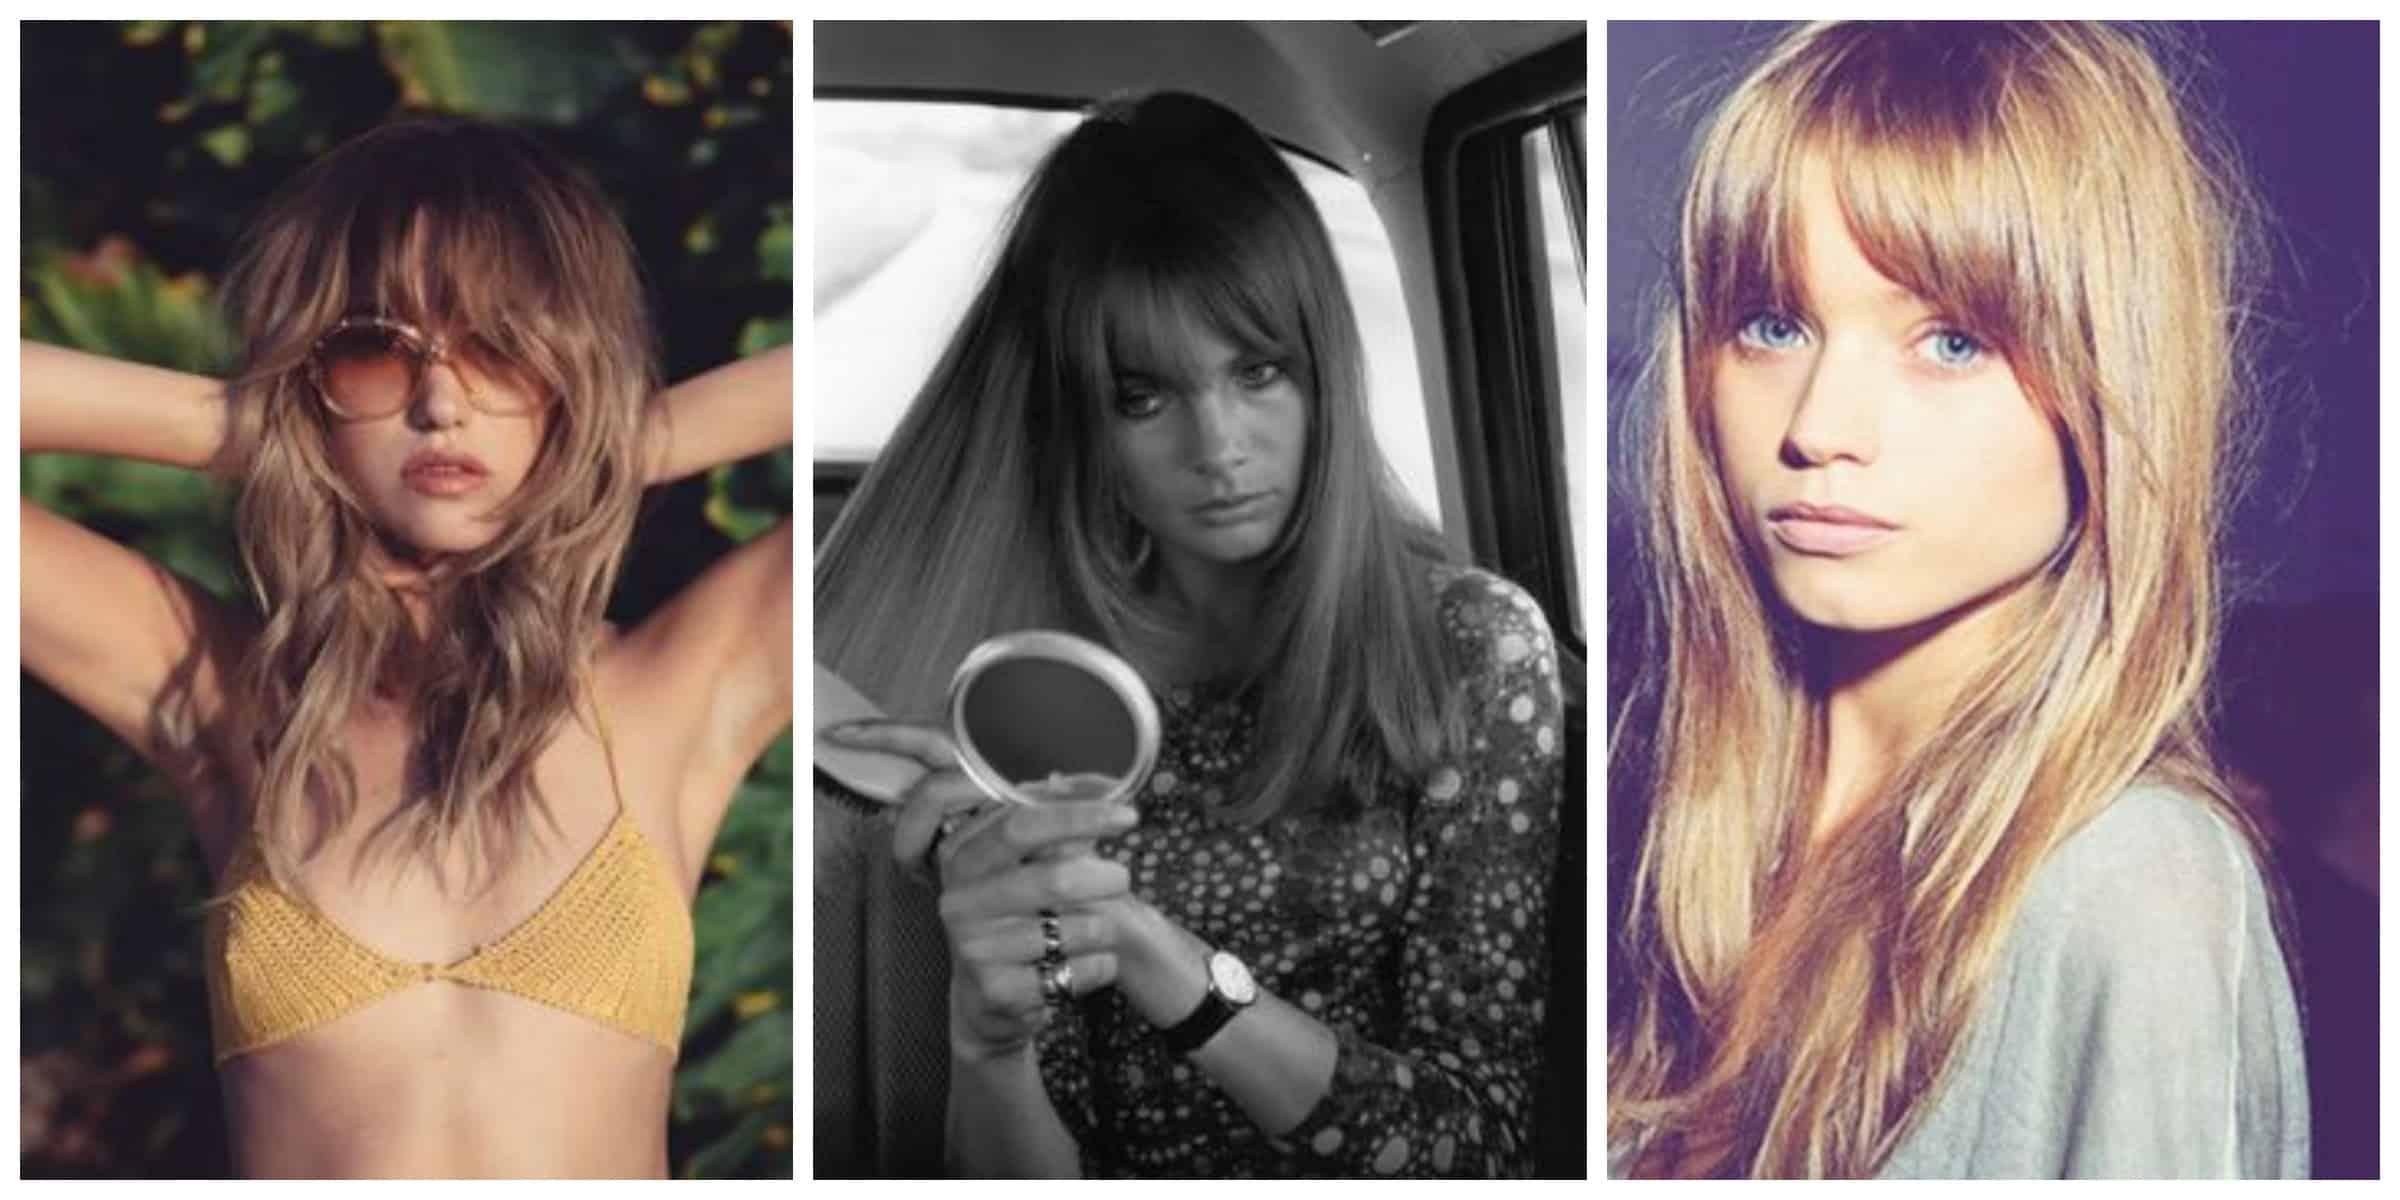 bangs-70s-looks-in-2015